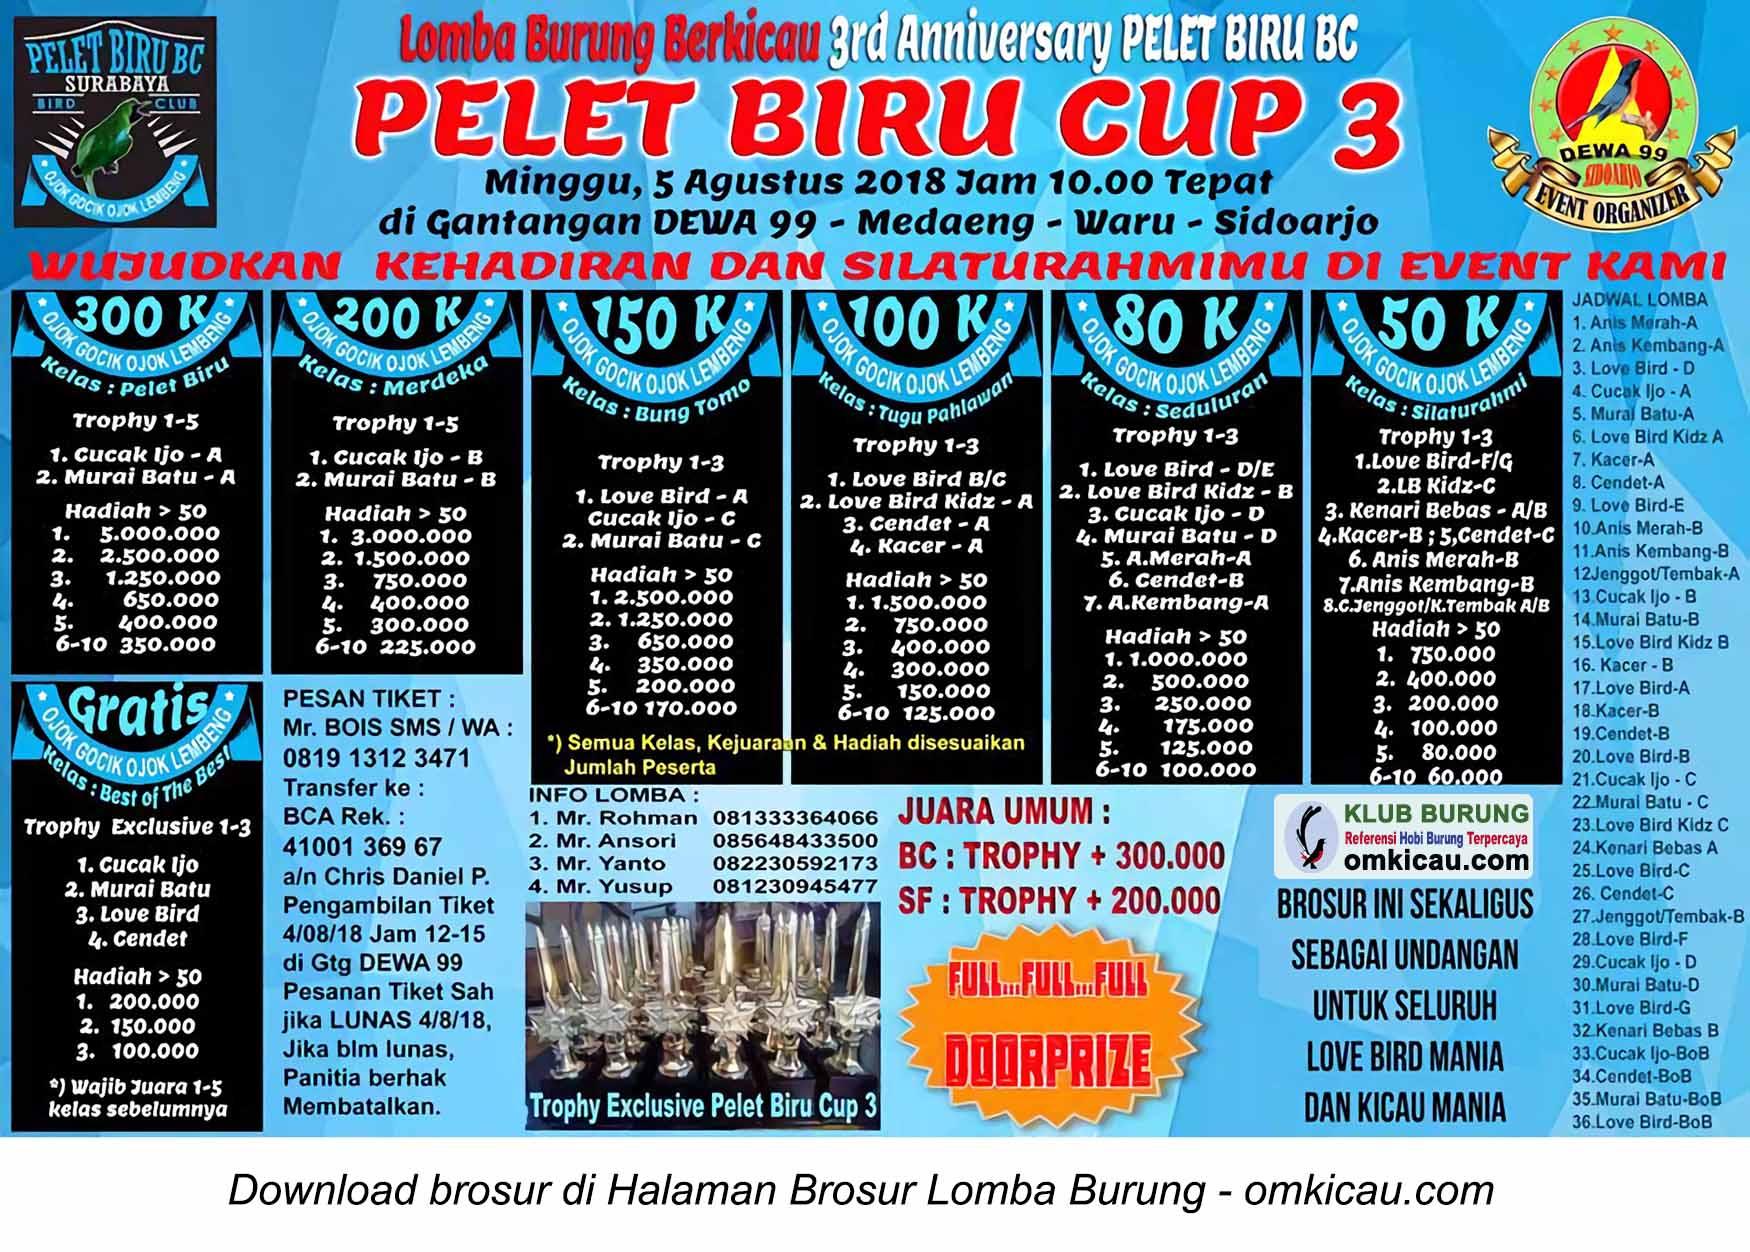 Pelet Biru Cup 3